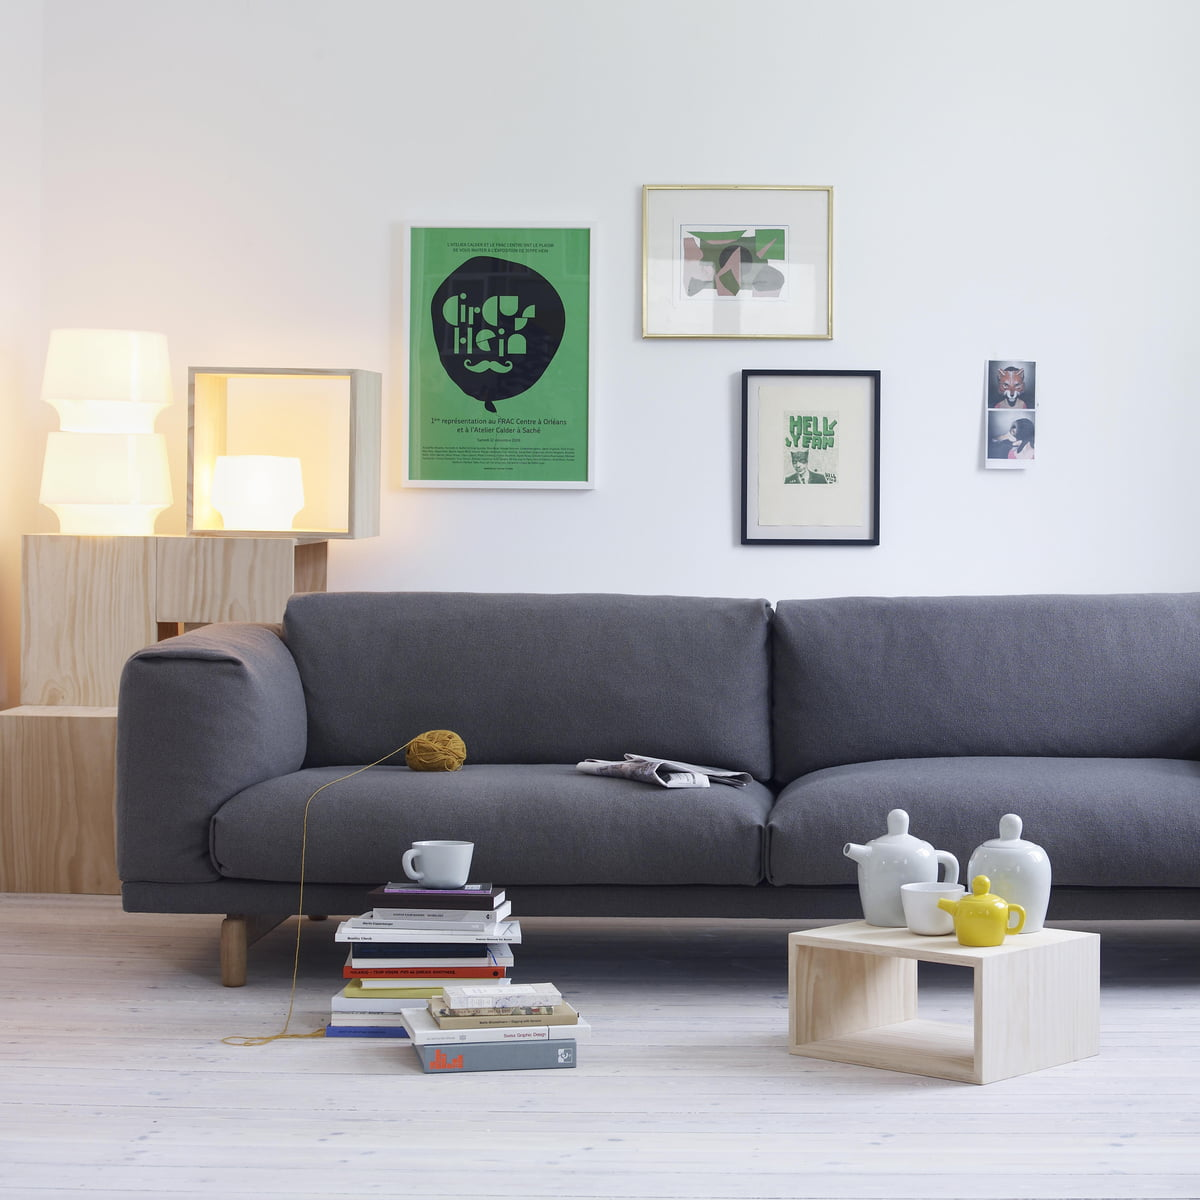 rest sofa 2-sitzer von muuto | connox shop, Möbel